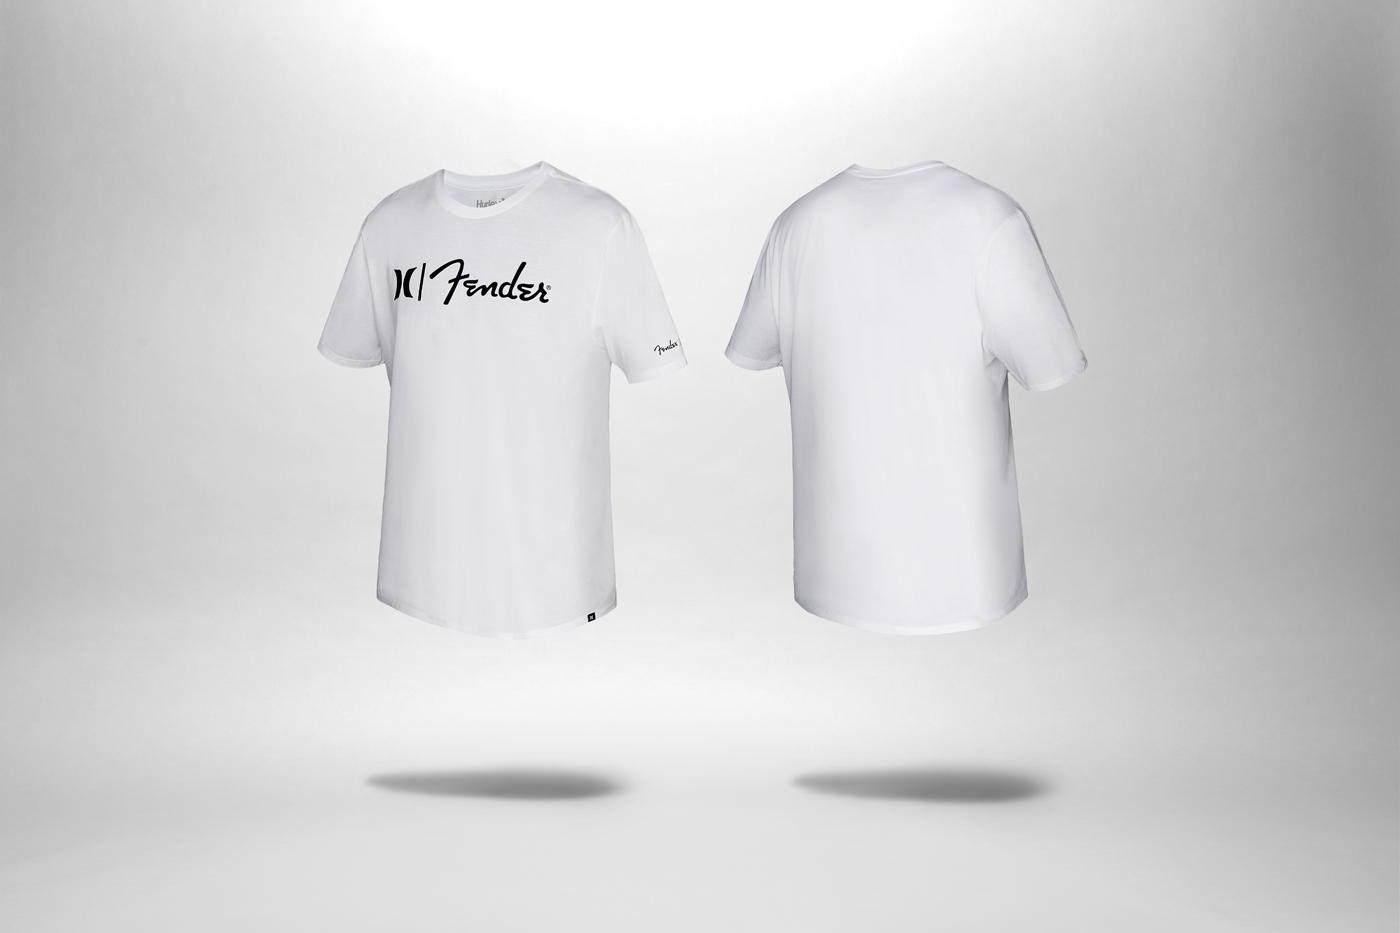 fender_whiteshirt-sweep